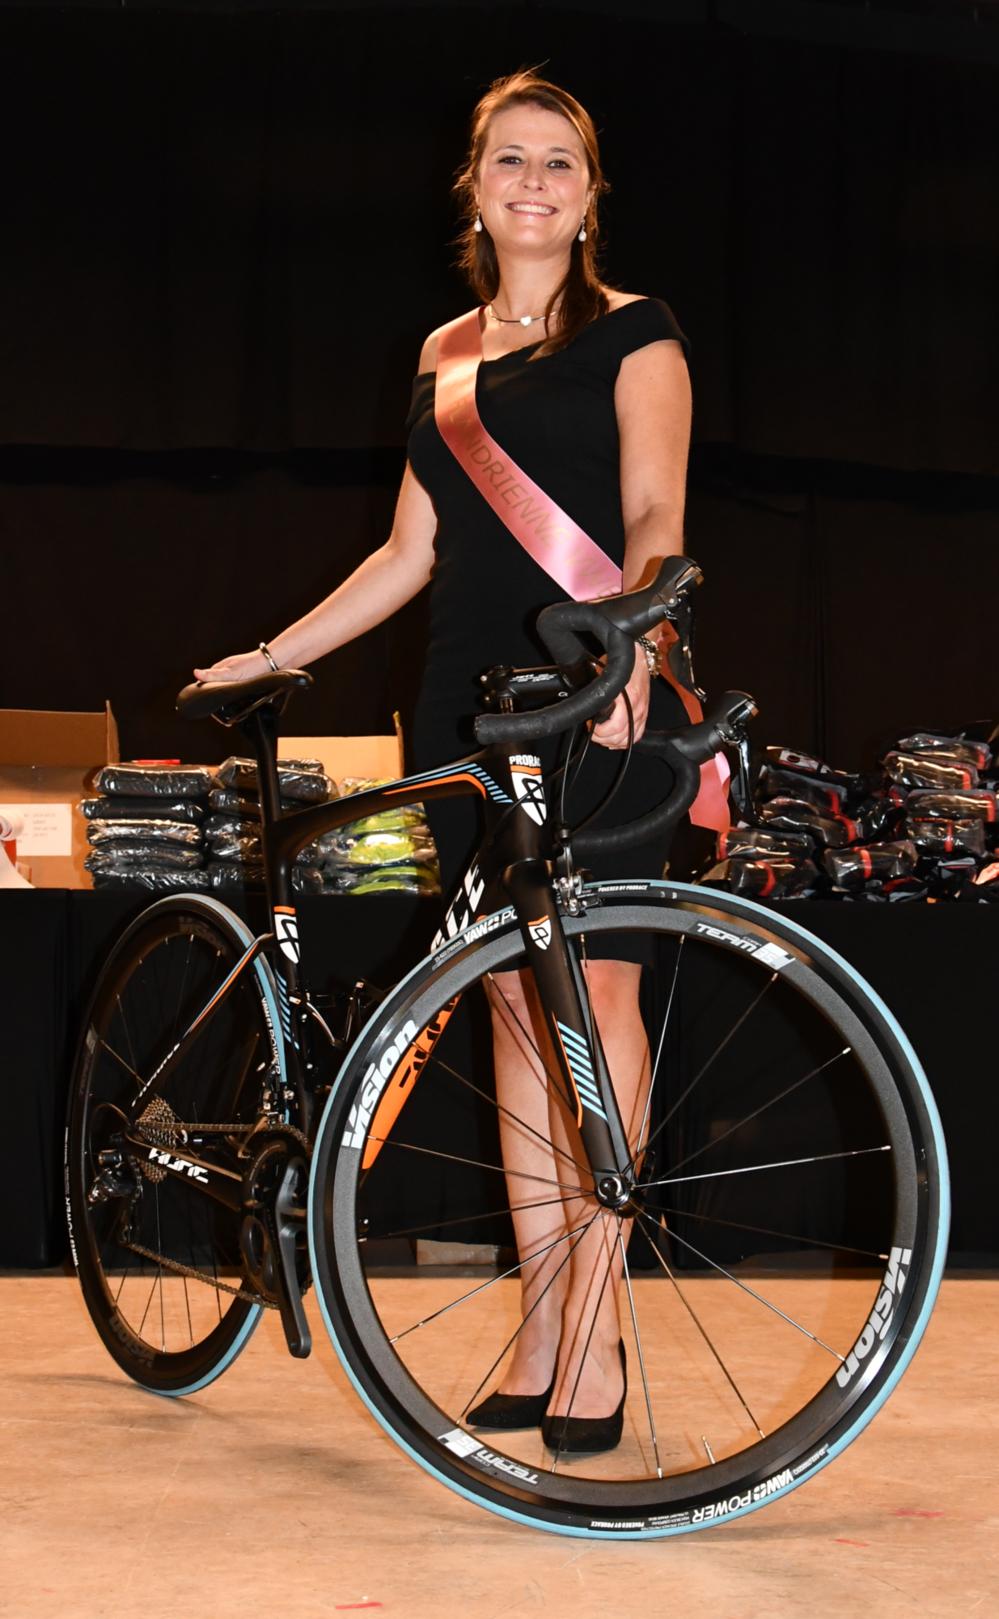 Een Prorace fiets hoort bij de titel van Miss Flandrienne.